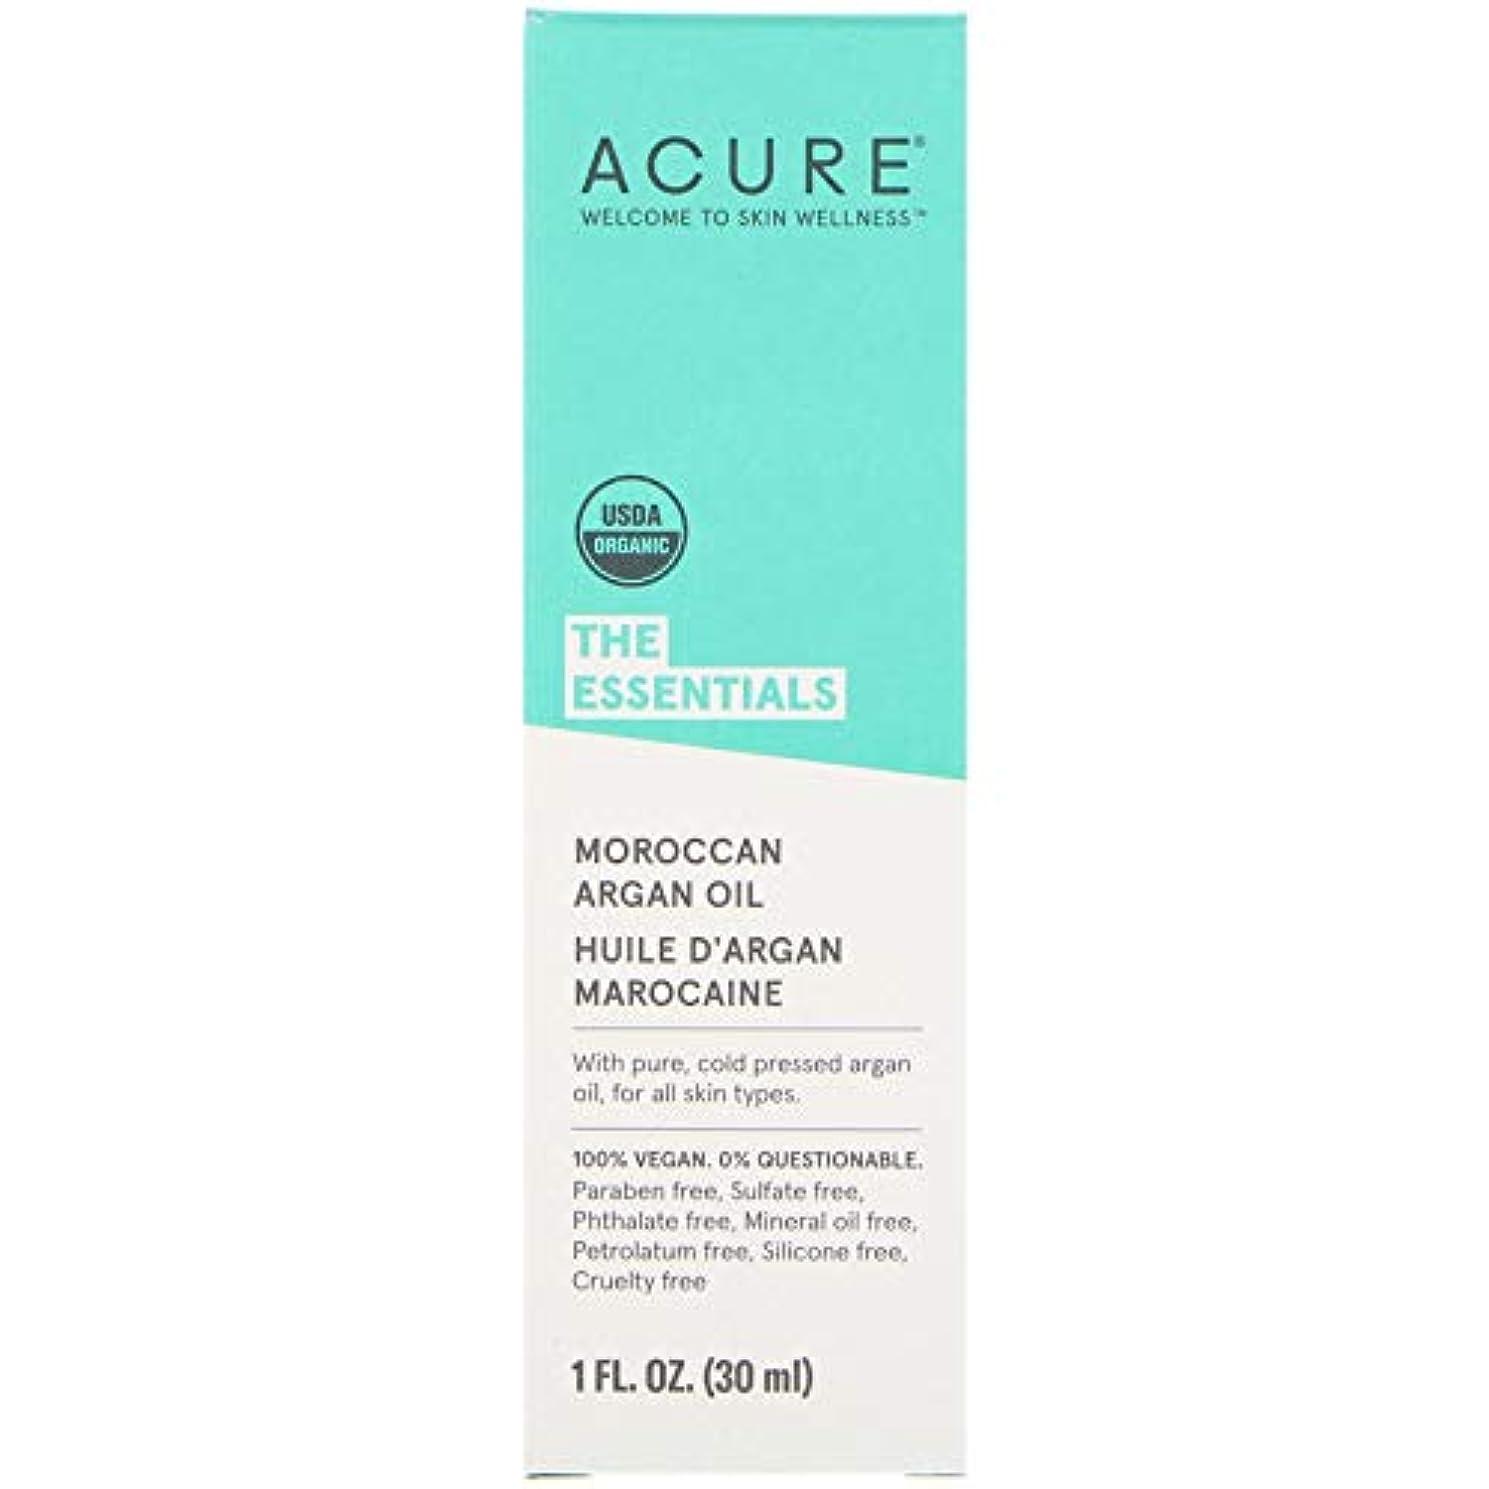 信じられない幻影意味のあるAcure Organics オーガニック モロッコ産 アルガンオイル 30ml x 3本セット [並行輸入品]